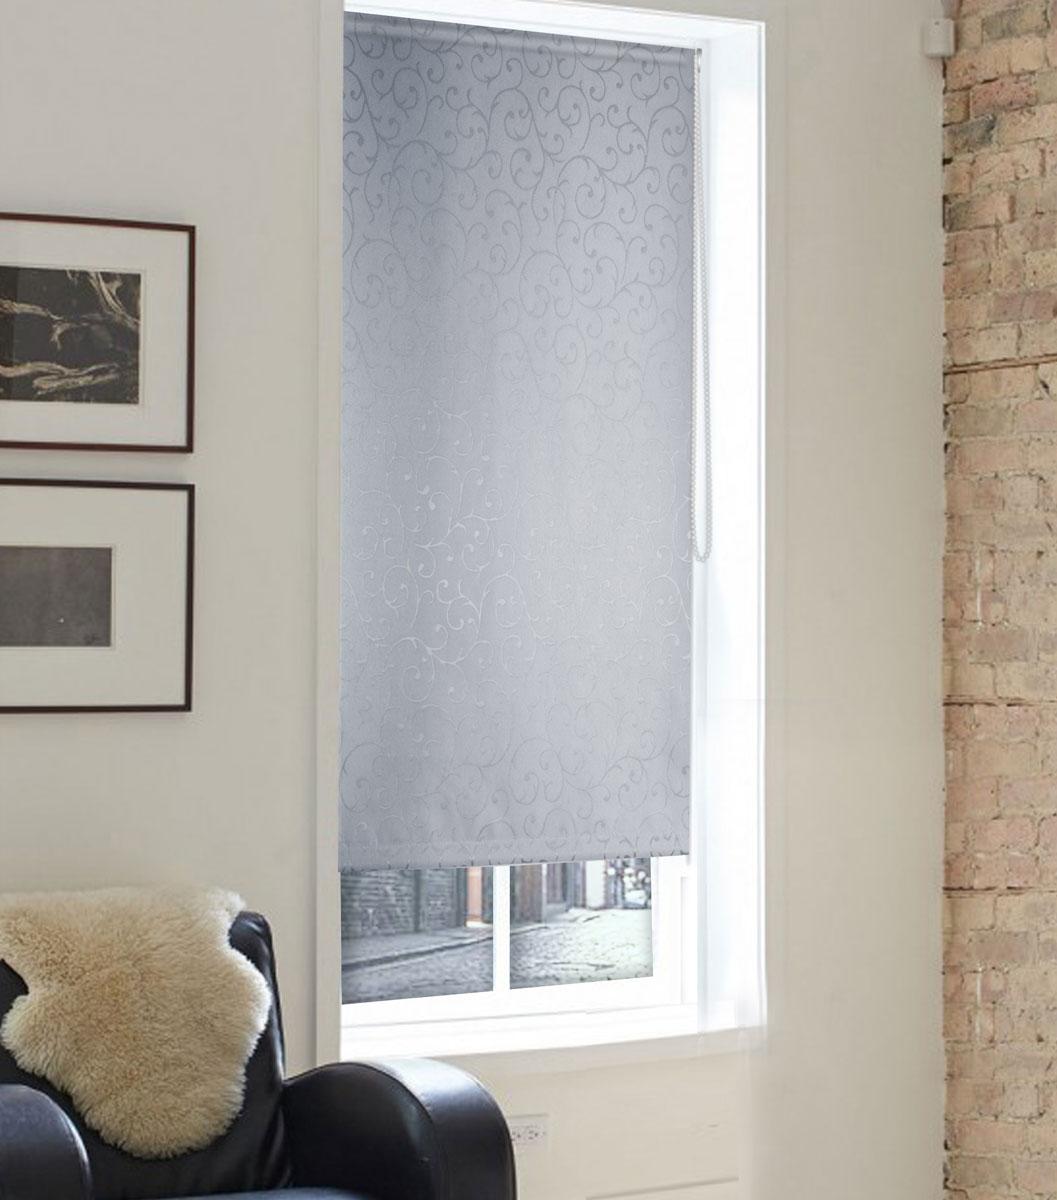 Штора рулонная Эскар Миниролло. Агат, фактурная, цвет: серый, ширина 115 см, высота 160 см379233073170Рулонная штора Эскар Миниролло. Агат выполнена из высокопрочной ткани, которая сохраняет свой размер даже при намокании. Ткань не выцветает и обладает отличной цветоустойчивостью.Миниролло - это подвид рулонных штор, который закрывает не весь оконный проем, а непосредственно само стекло. Такие шторы крепятся на раму без сверления при помощи зажимов или клейкой двухсторонней ленты. Окно остается на гарантии, благодаря монтажу без сверления. Такая штора станет прекрасным элементом декора окна и гармонично впишется в интерьер любого помещения.